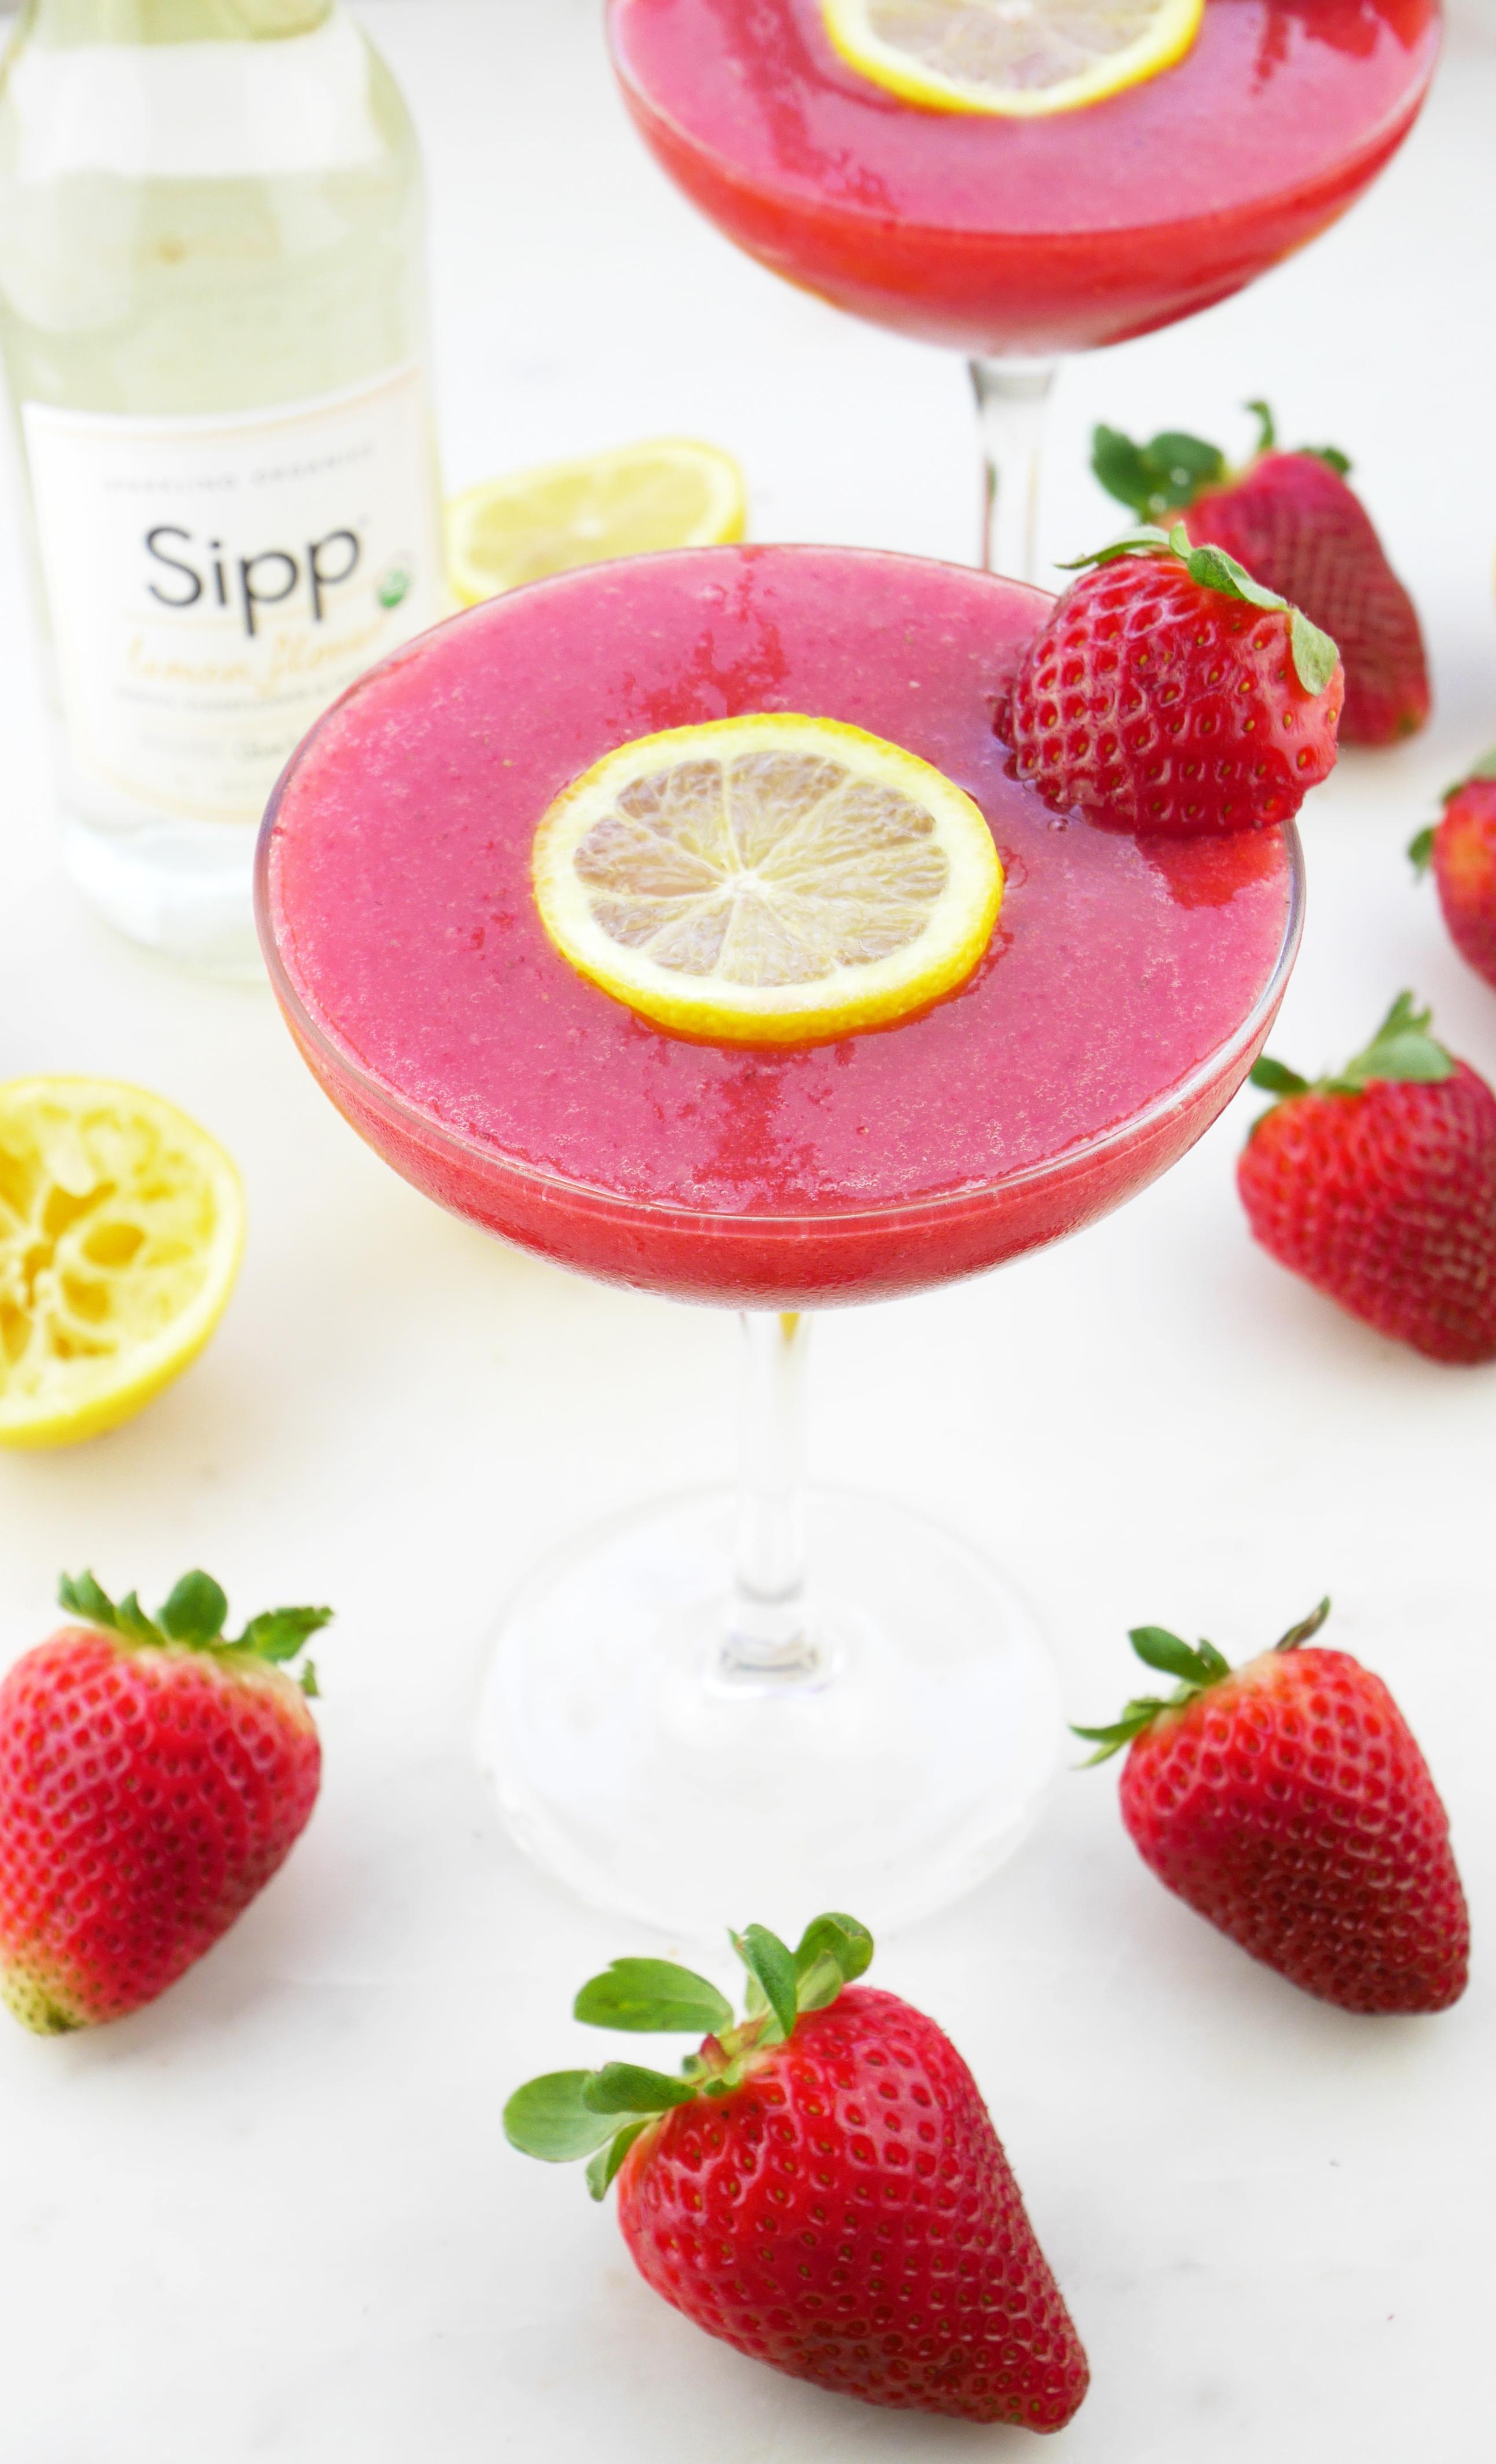 Sipp Lemon Flower Cocktail